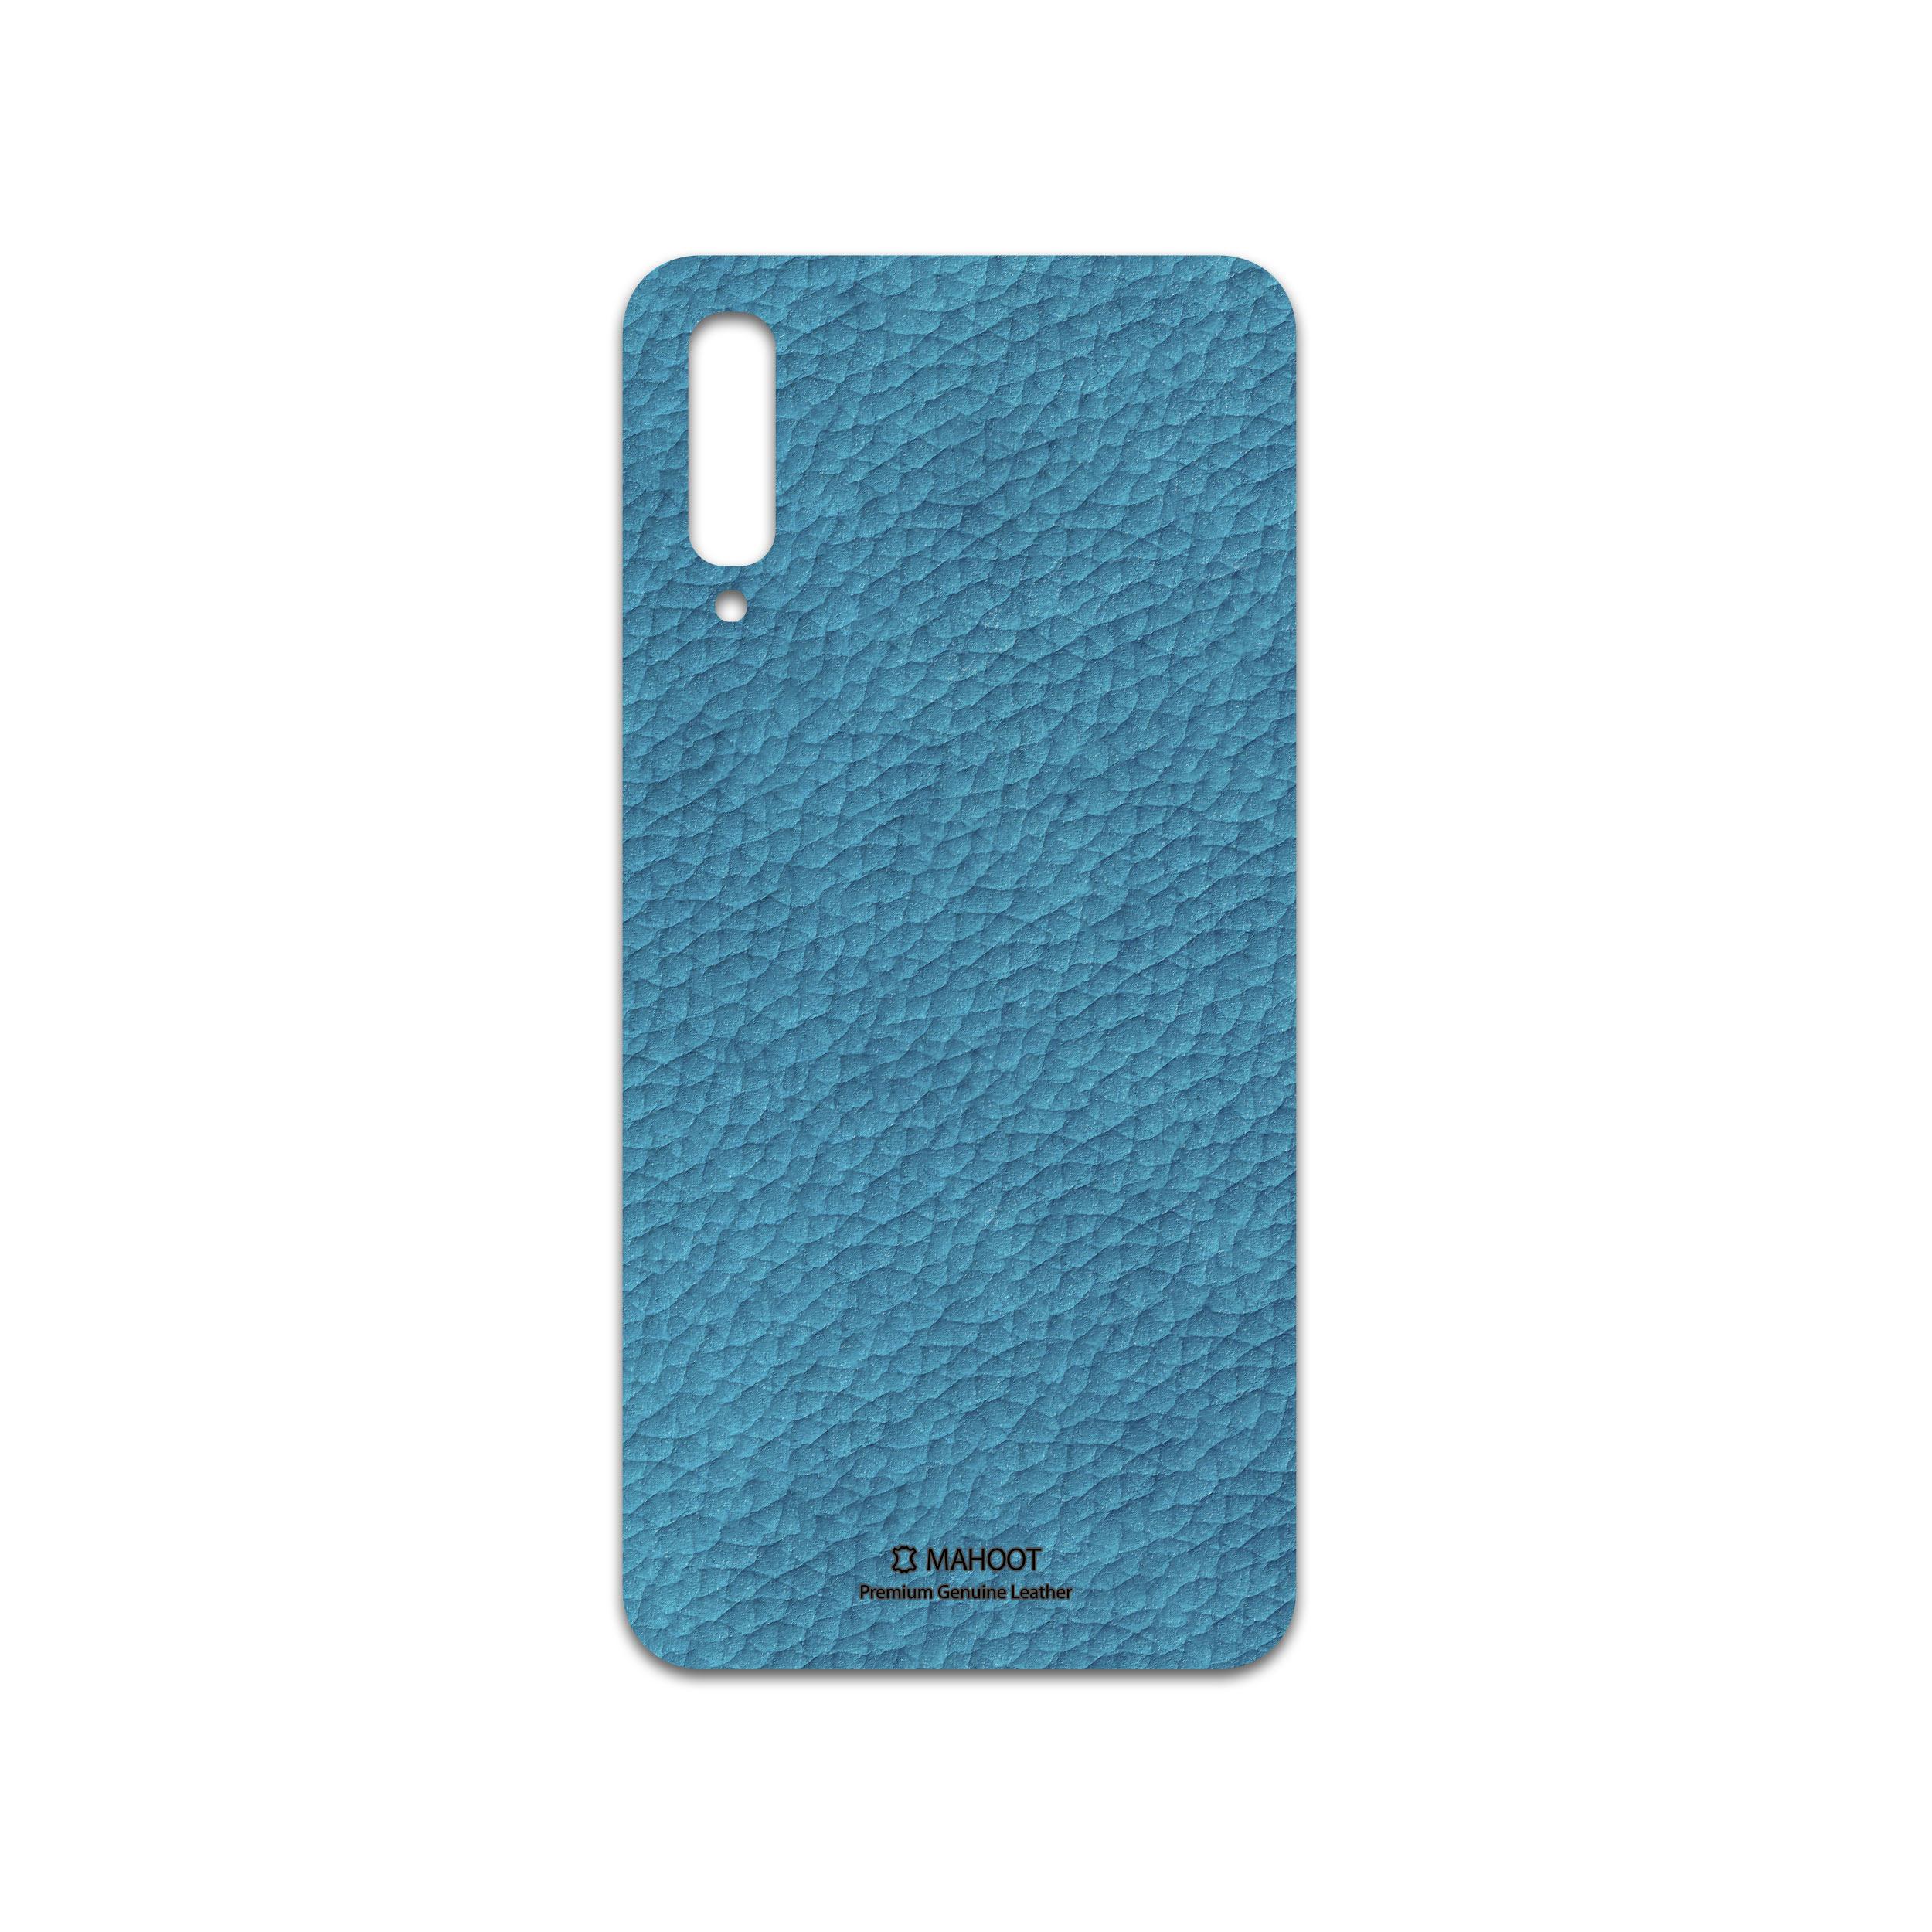 برچسب پوششی ماهوت مدل Blue-Leather مناسب برای گوشی موبایل سامسونگ Galaxy A50